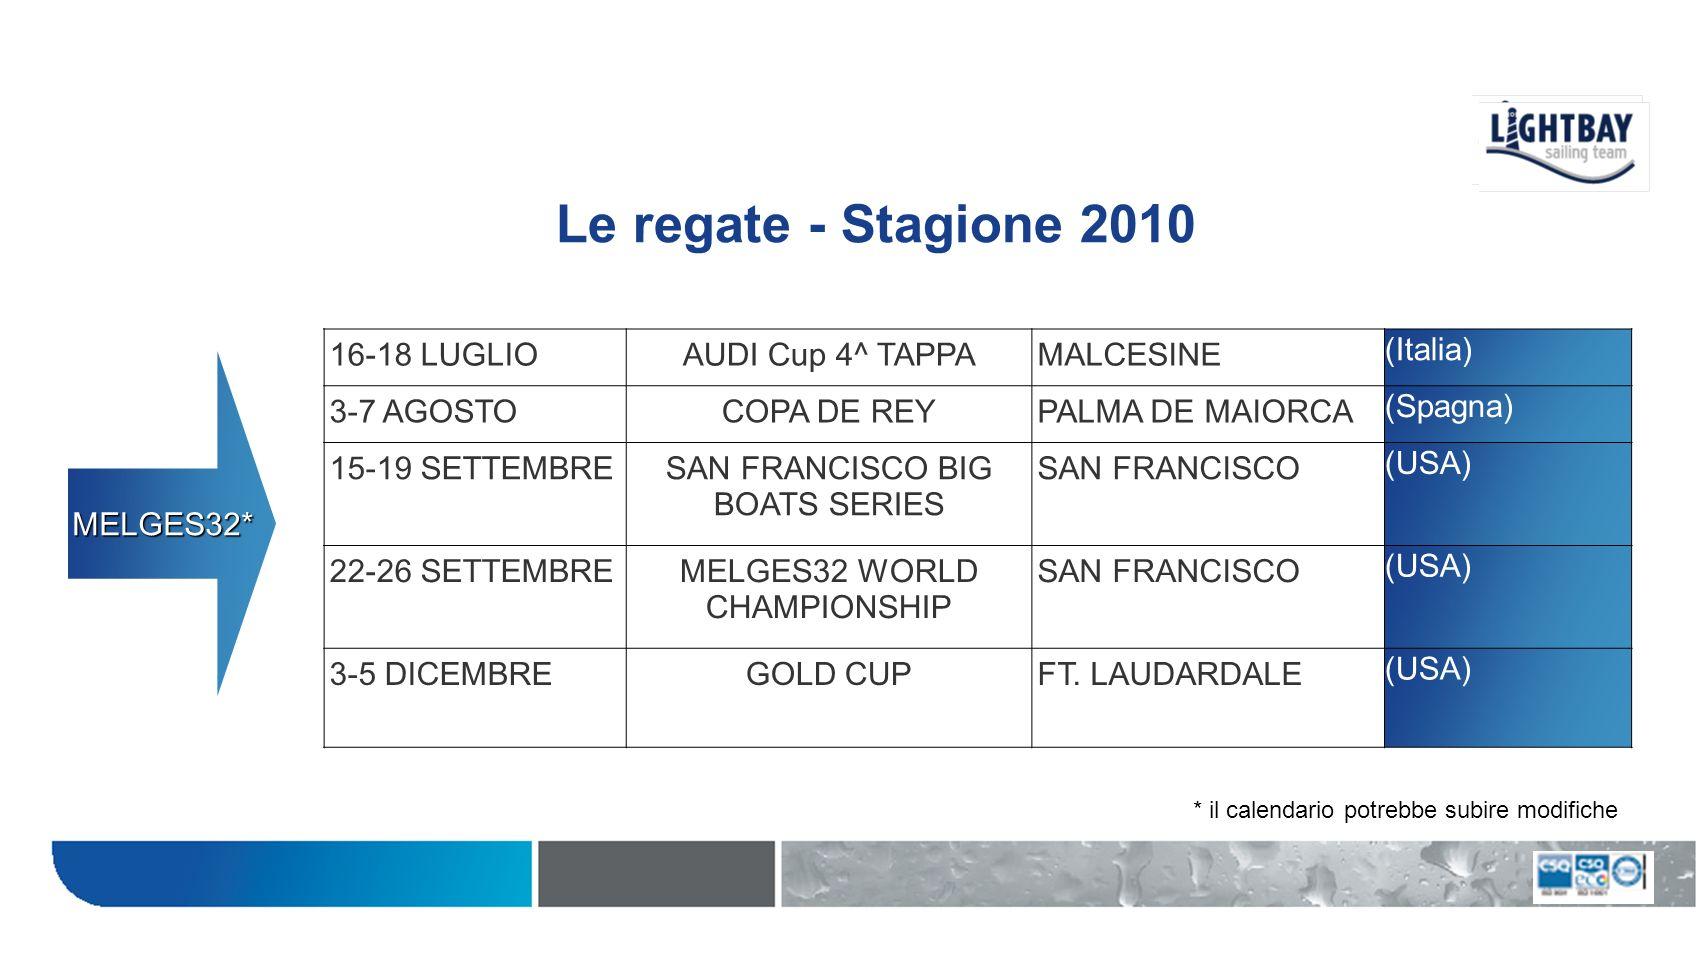 Le regate - Stagione 2010 17-18 APRILEAUDI CUP 1^ TAPPALERICI (Italia) 13-16 MAGGIOCAMPIONATO EUROPEOCAGLIARI (Italia) 12-13 GIUGNOAUDI CUP 2^ TAPPAPORTO ROTONDO (Italia) 21-25 LUGLIOGOLD CUPMALCESINE (Italia) 11-12 SETTEMBREAUDI CUP 3^ TAPPARIMINI (Italia) MELGES20 * * il calendario potrebbe subire modifiche